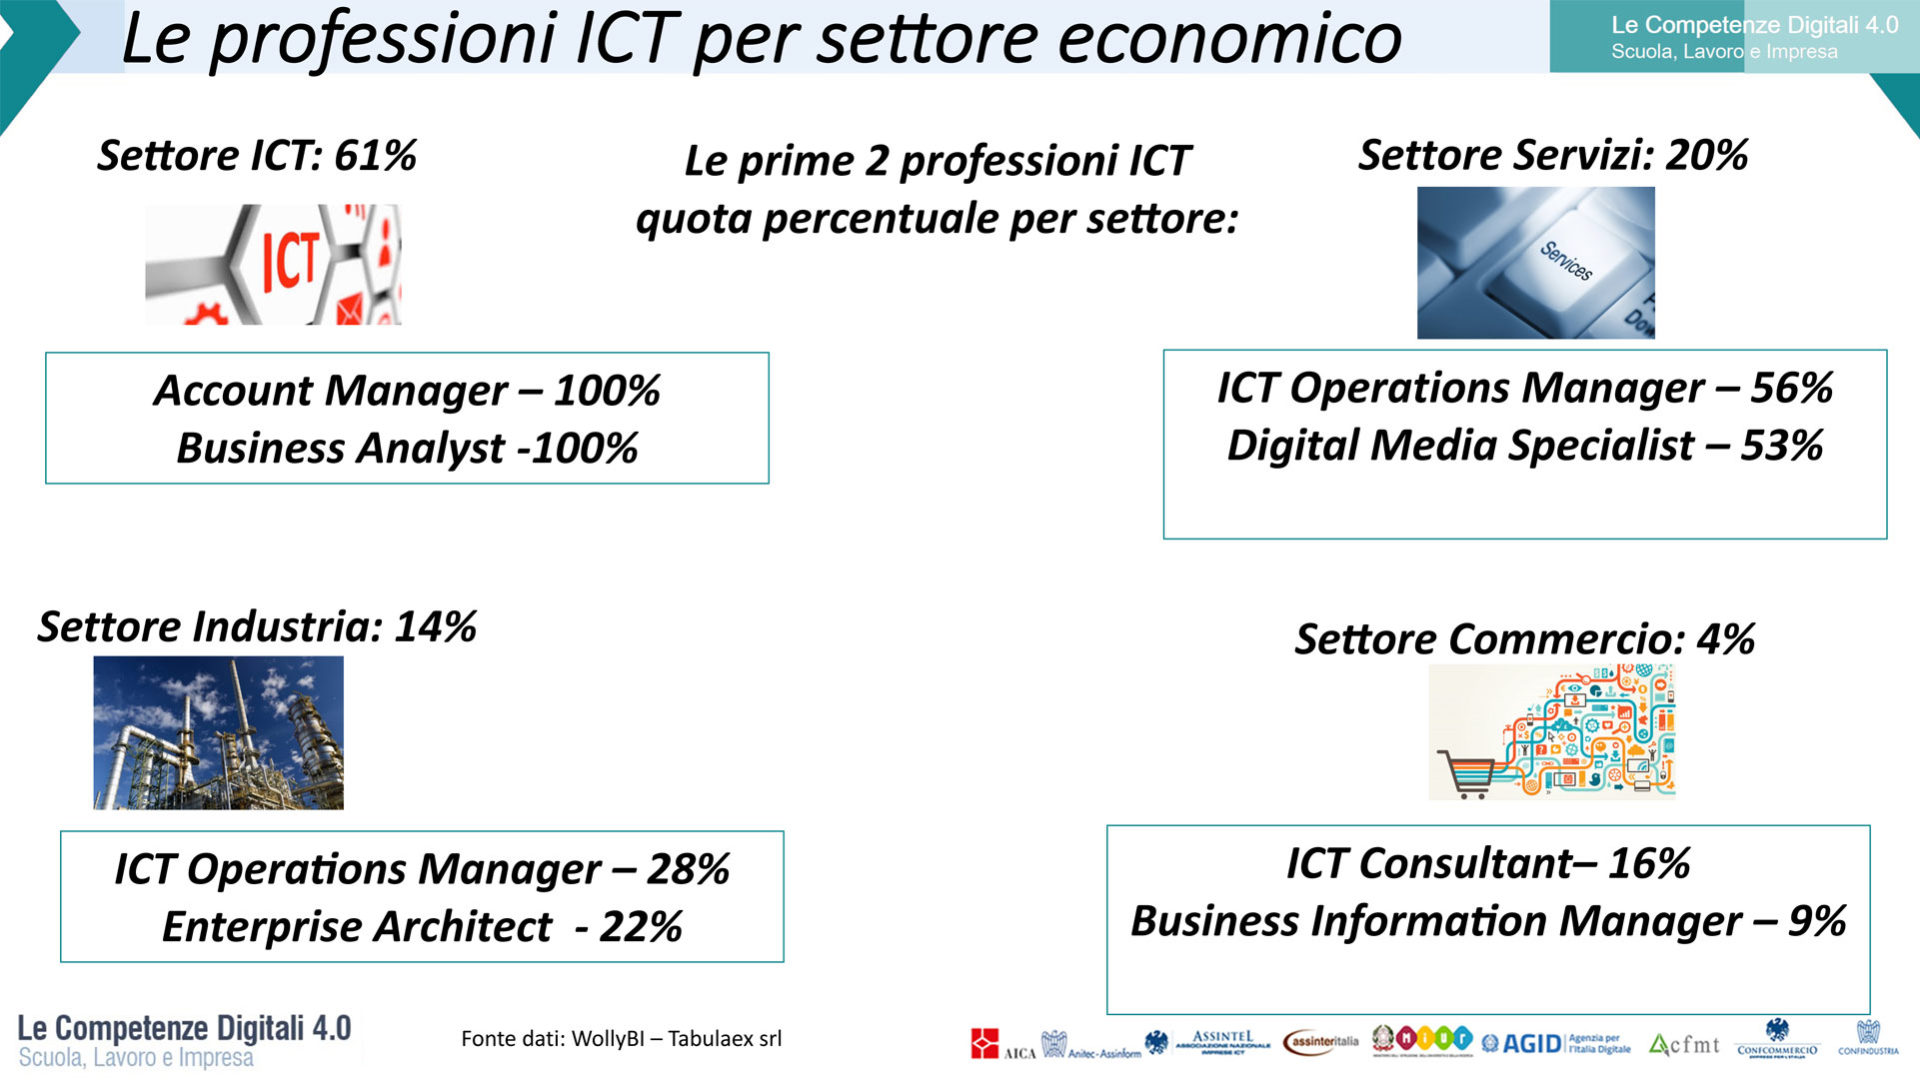 Grafico che rappresenta le professioni ICT per settore economico